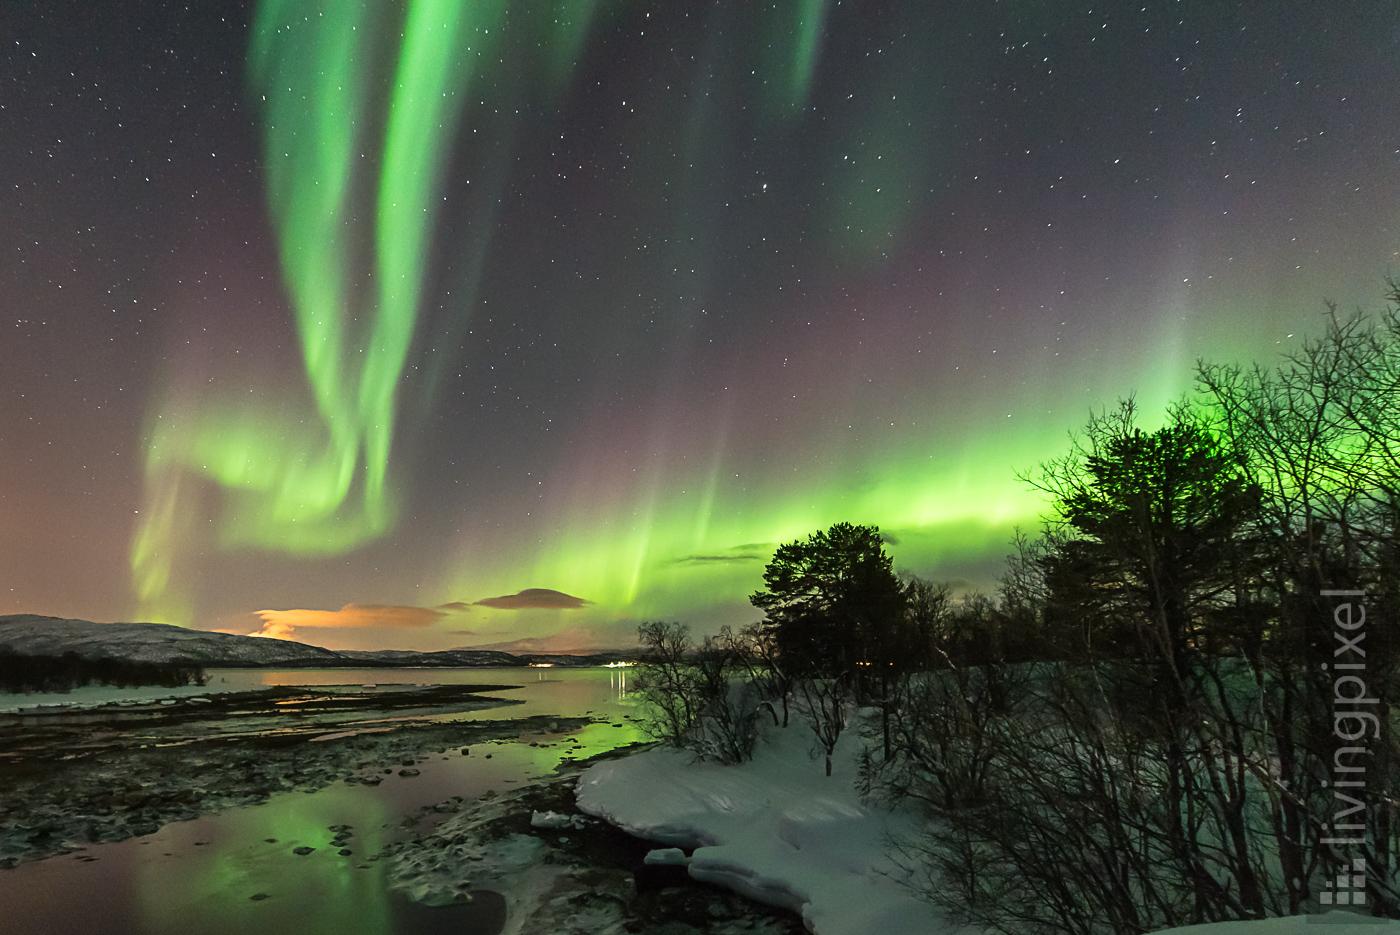 Polarlicht, Leuchten über dem Fjord